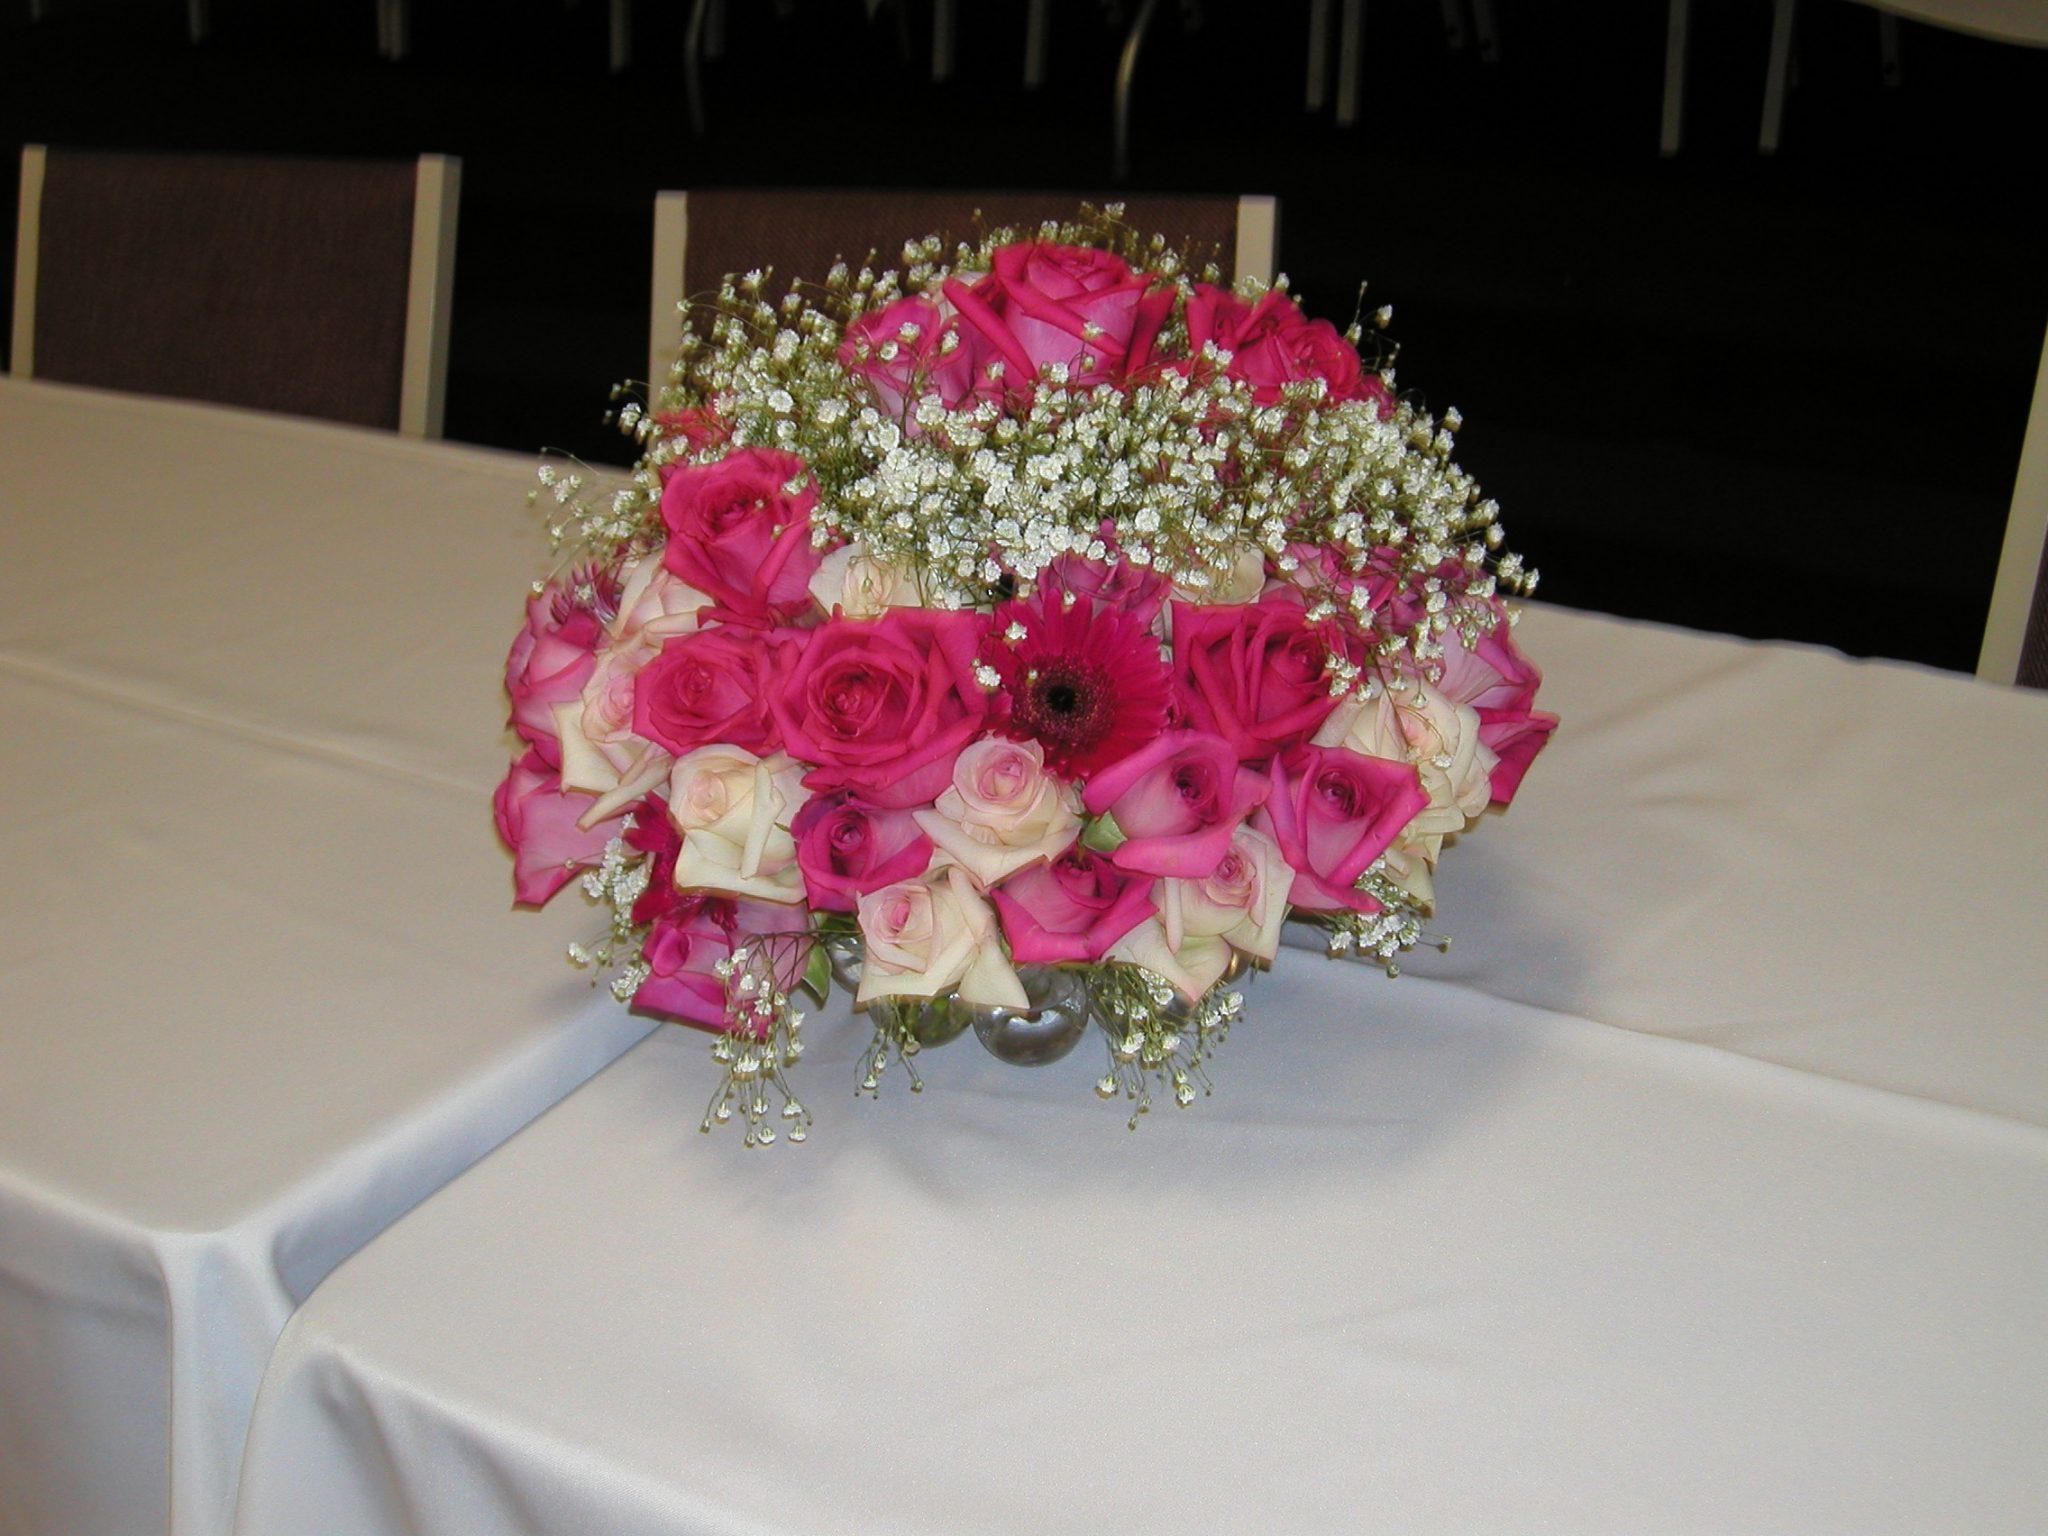 Floral centerpieces party favors ideas